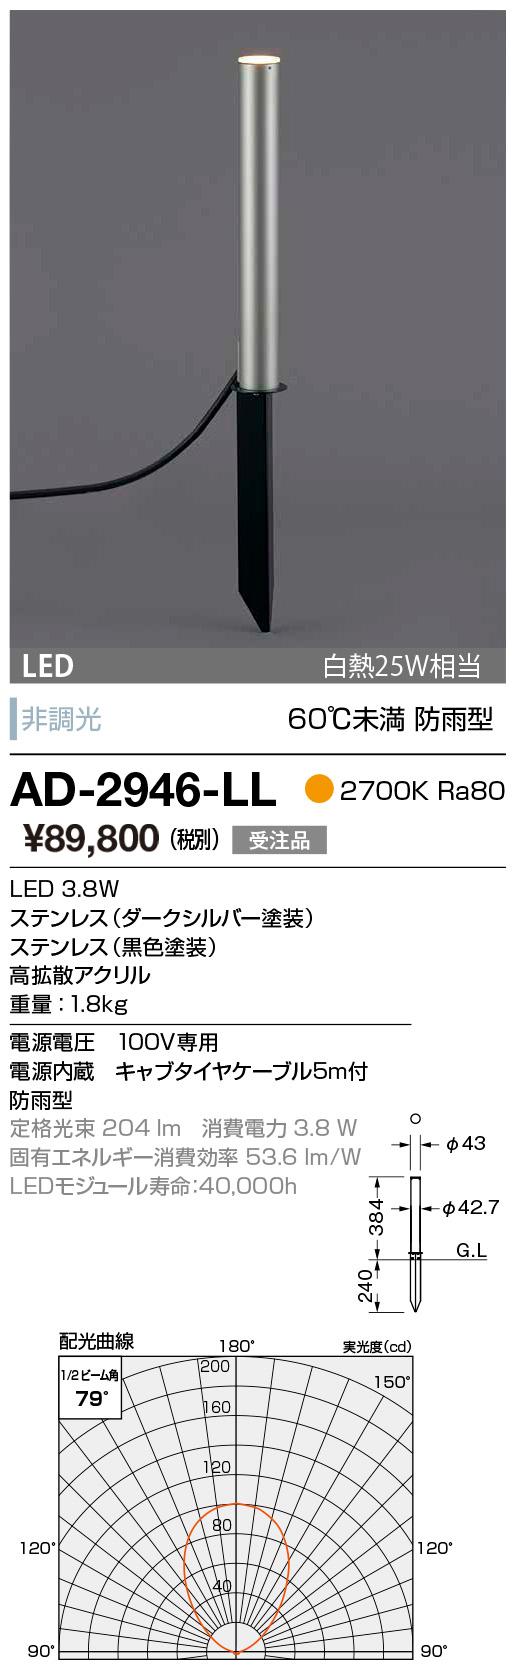 山田照明 照明器具エクステリア LED一体型スーパースリムガーデンライトアッパー配光 電球色 白熱25W相当非調光 60℃未満 防雨型AD-2946-LL